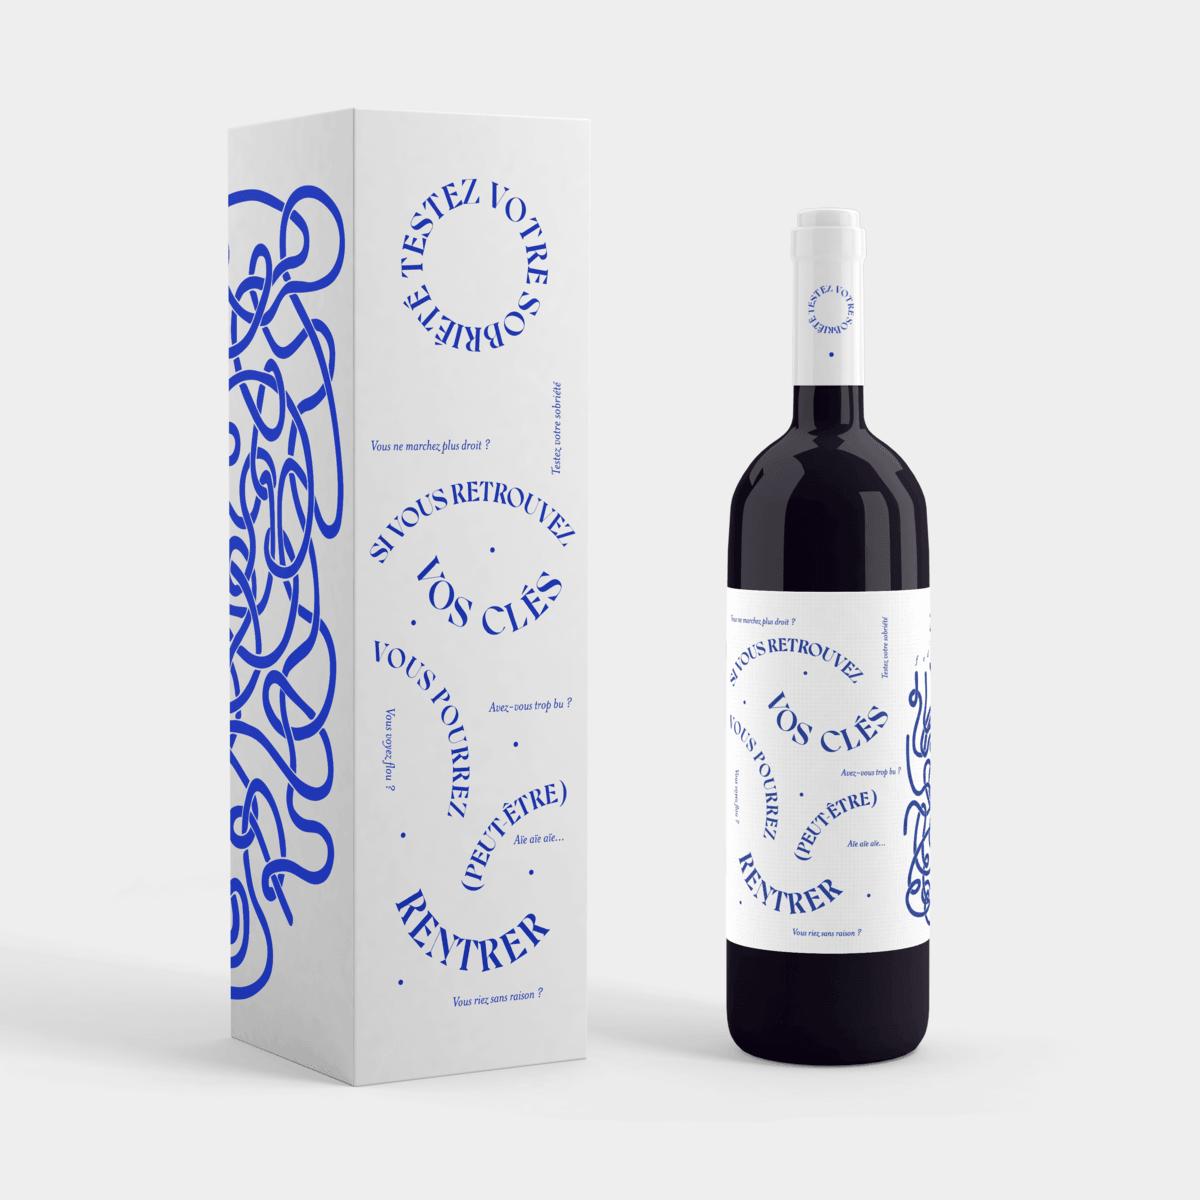 vin noeud3